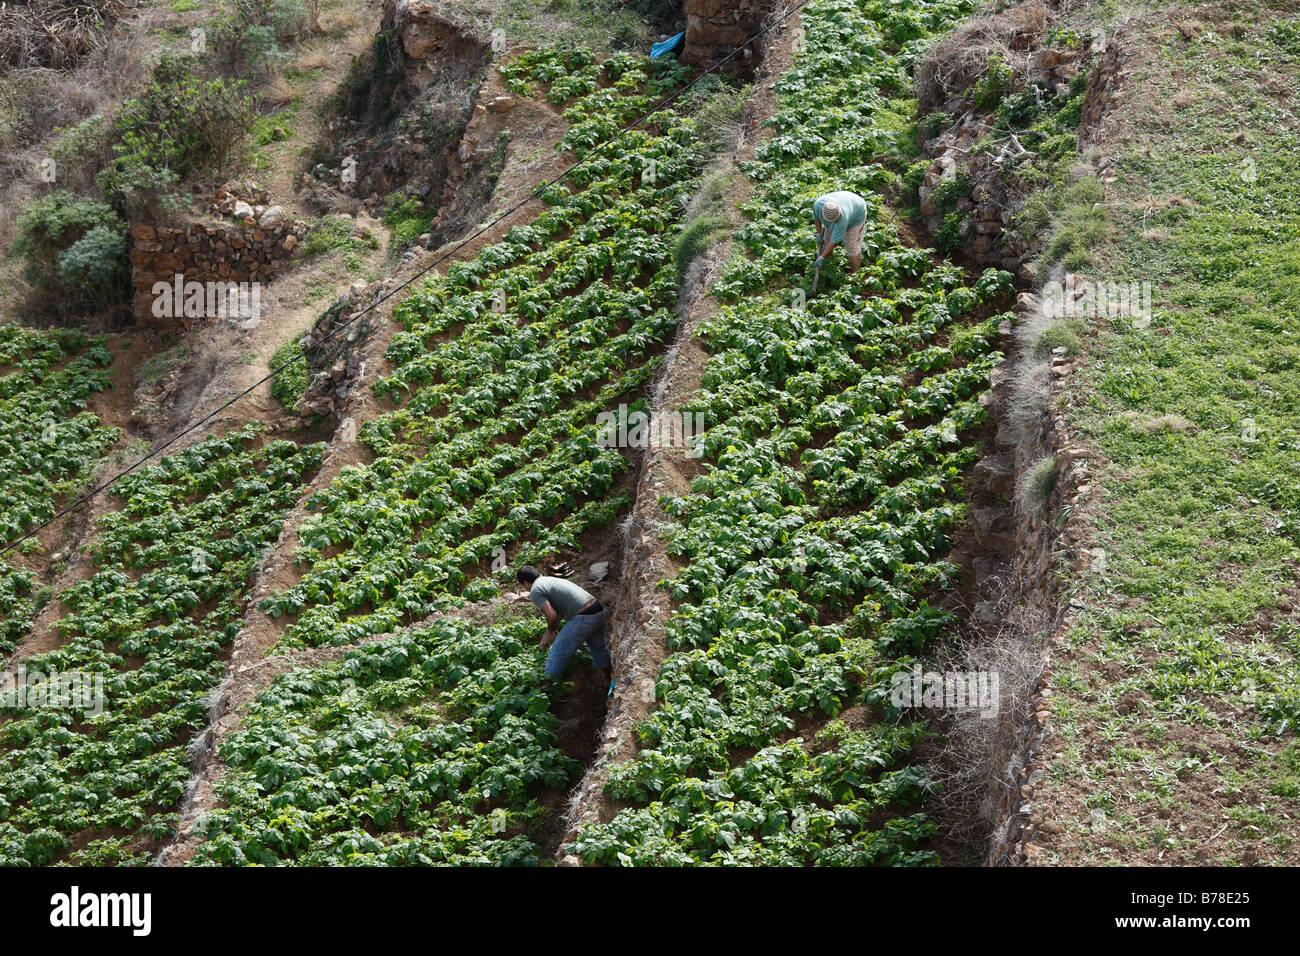 Field work on terraced potato fields, La Gomera, Canary Islands, Spain, Europe - Stock Image